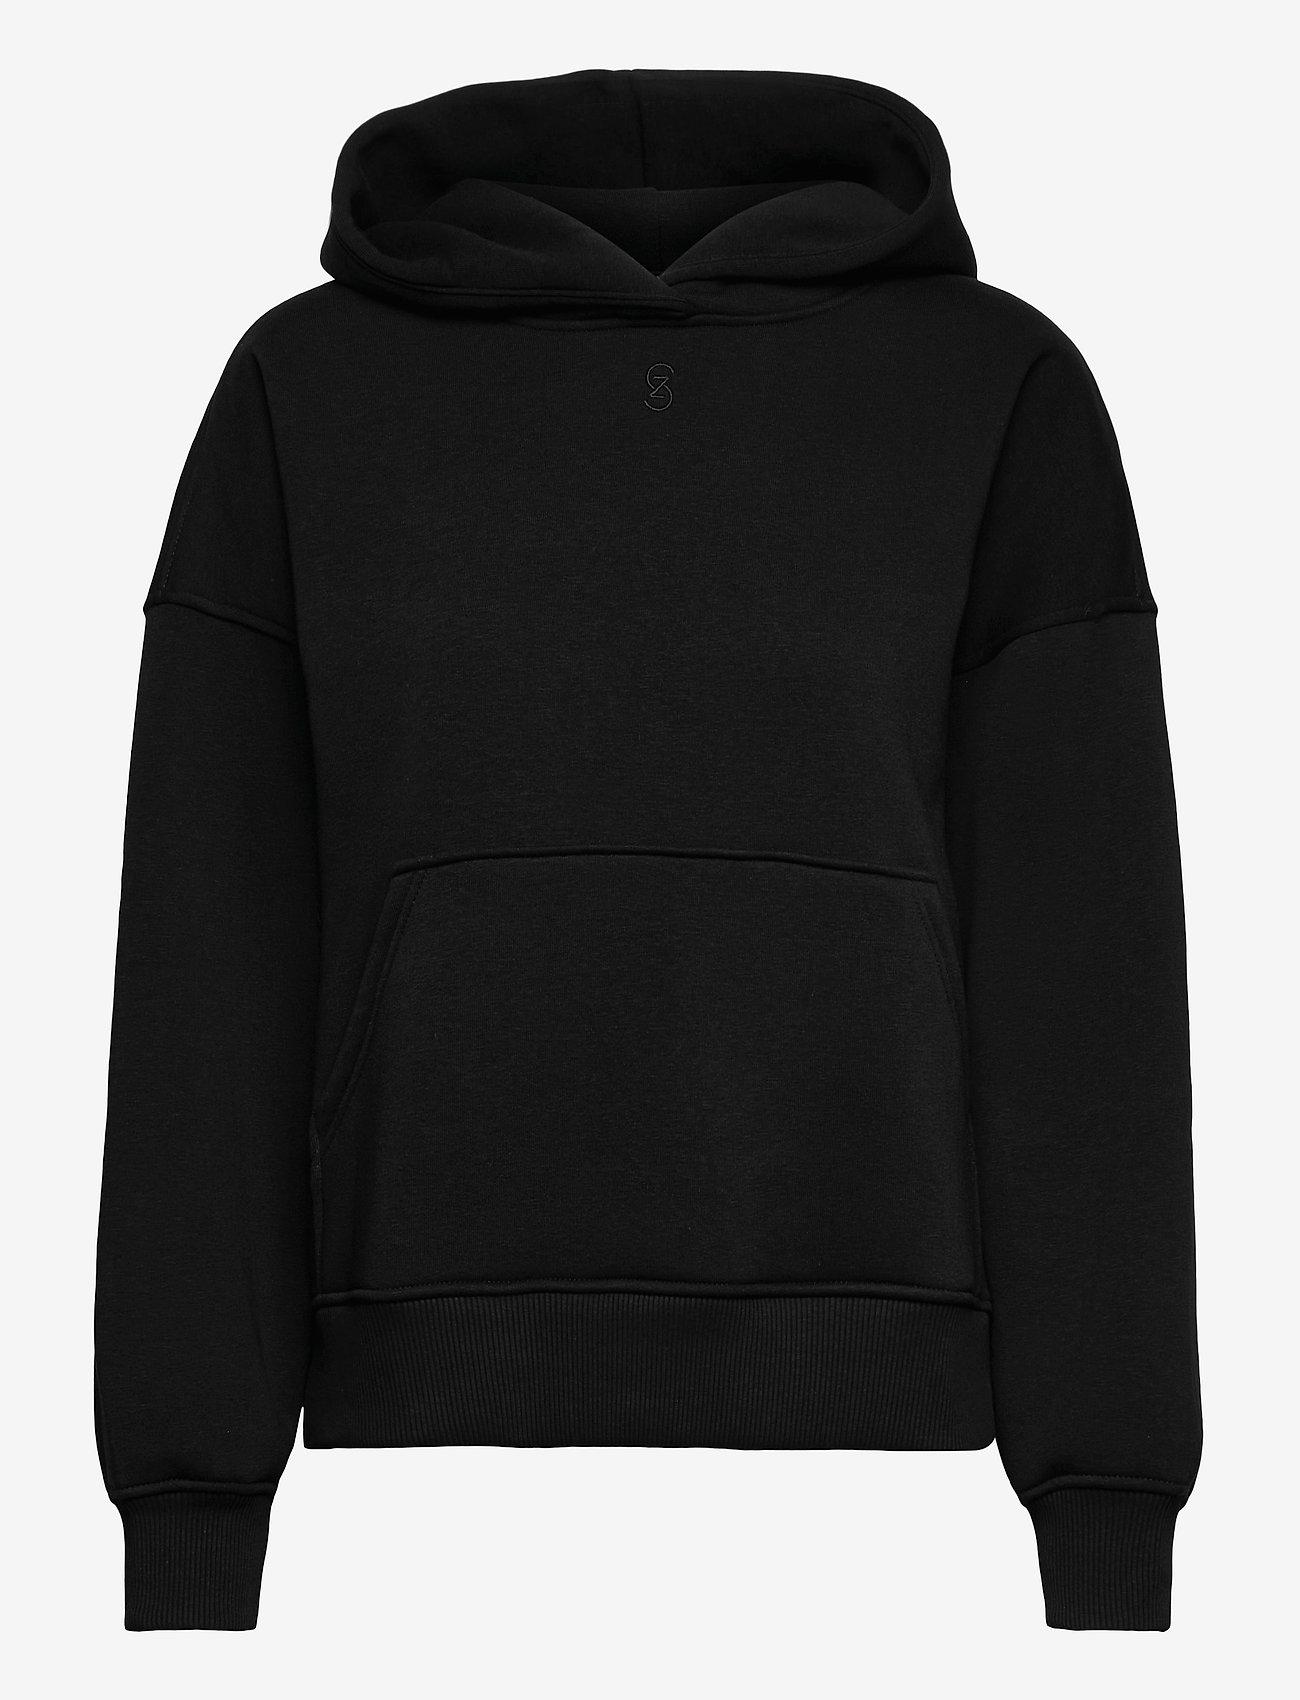 Gestuz - RubiGZ hoodie NOOS - sweatshirts & hættetrøjer - black - 1